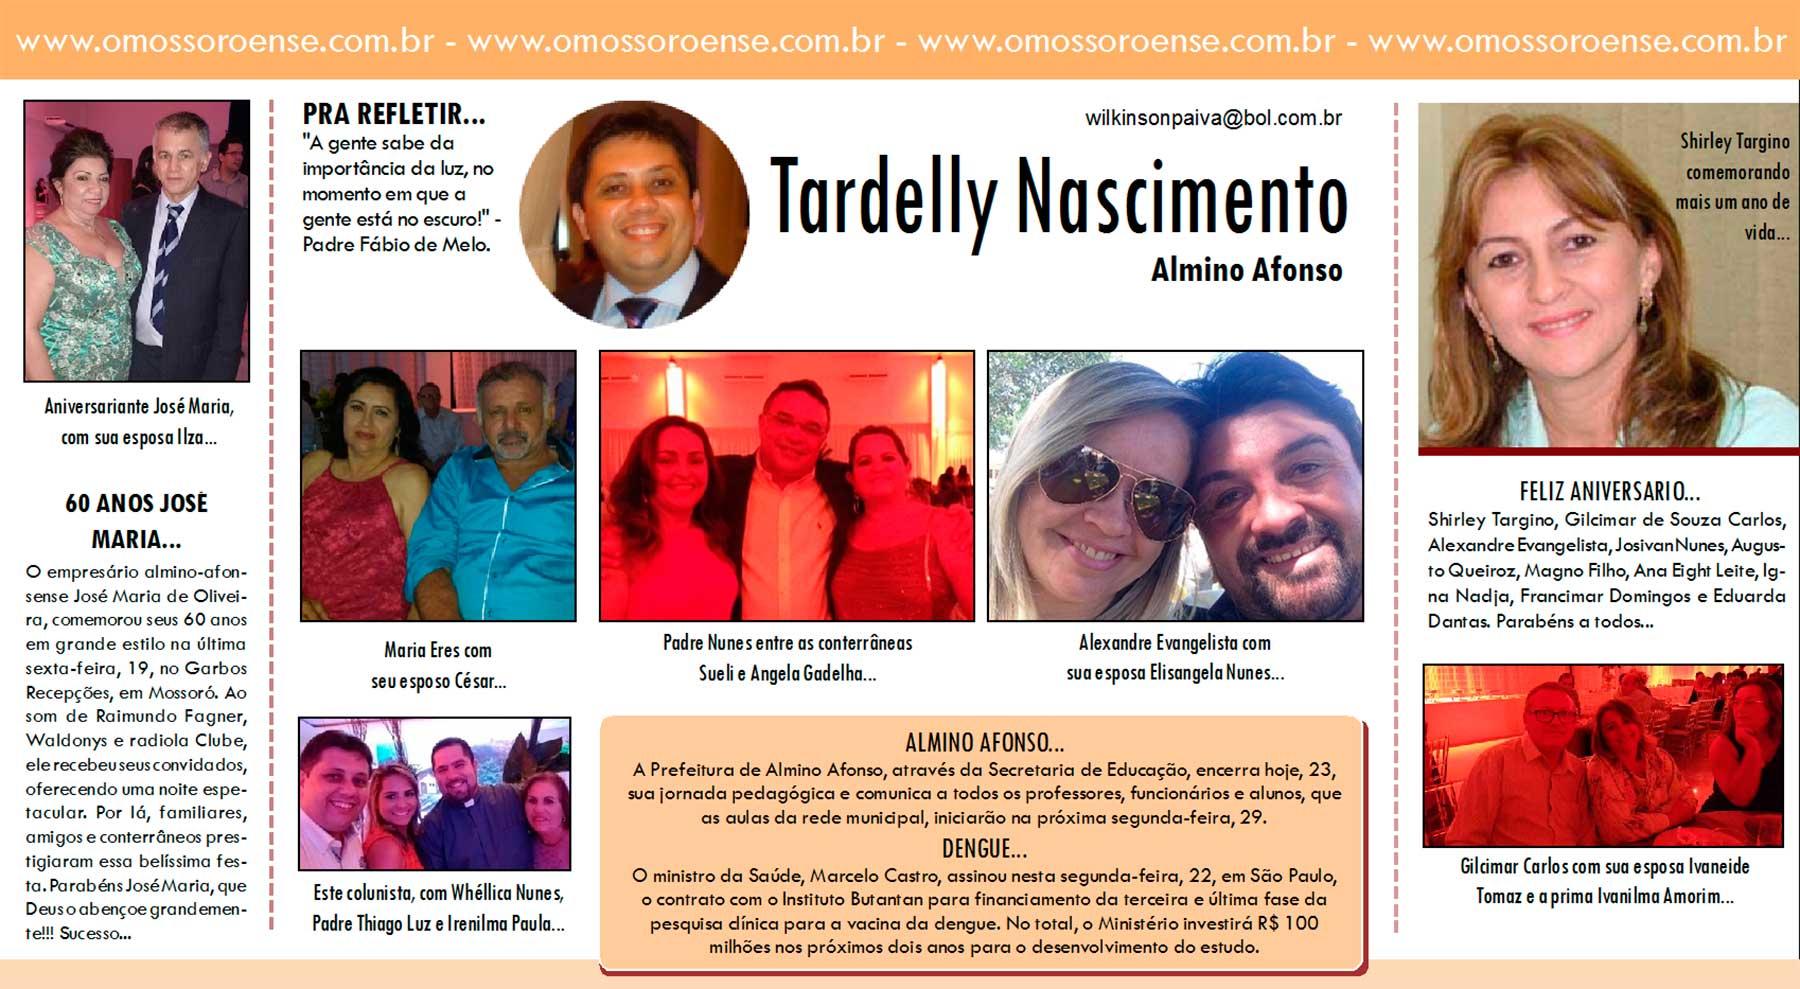 TARDELLY-NASCIMENTO---23-02-16